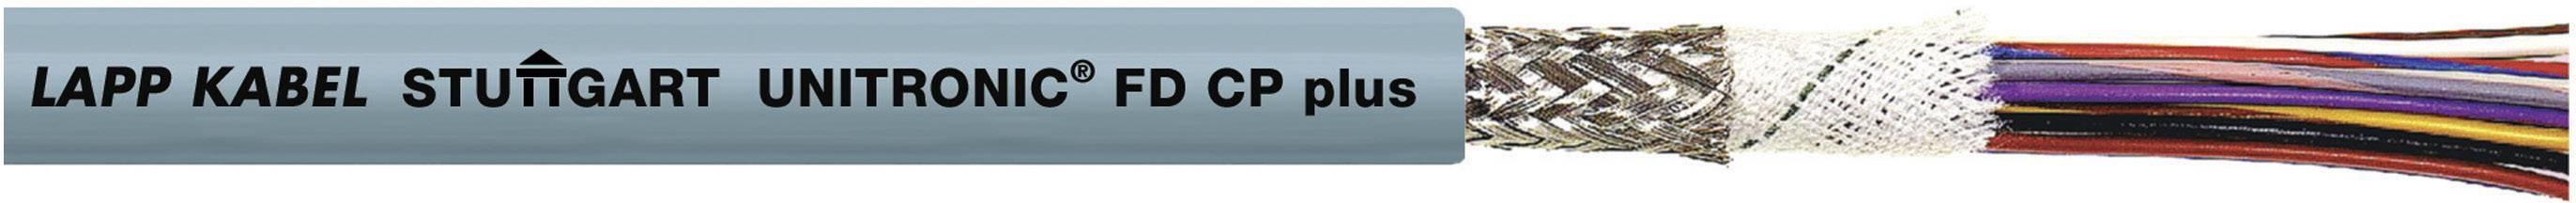 Datový kabel LappKabel UNITRONIC FD CP PLUS 14X0,14 (0028886), 14x 0,14 mm², Ø 6,8 mm, stíněný, 100 m, šedá